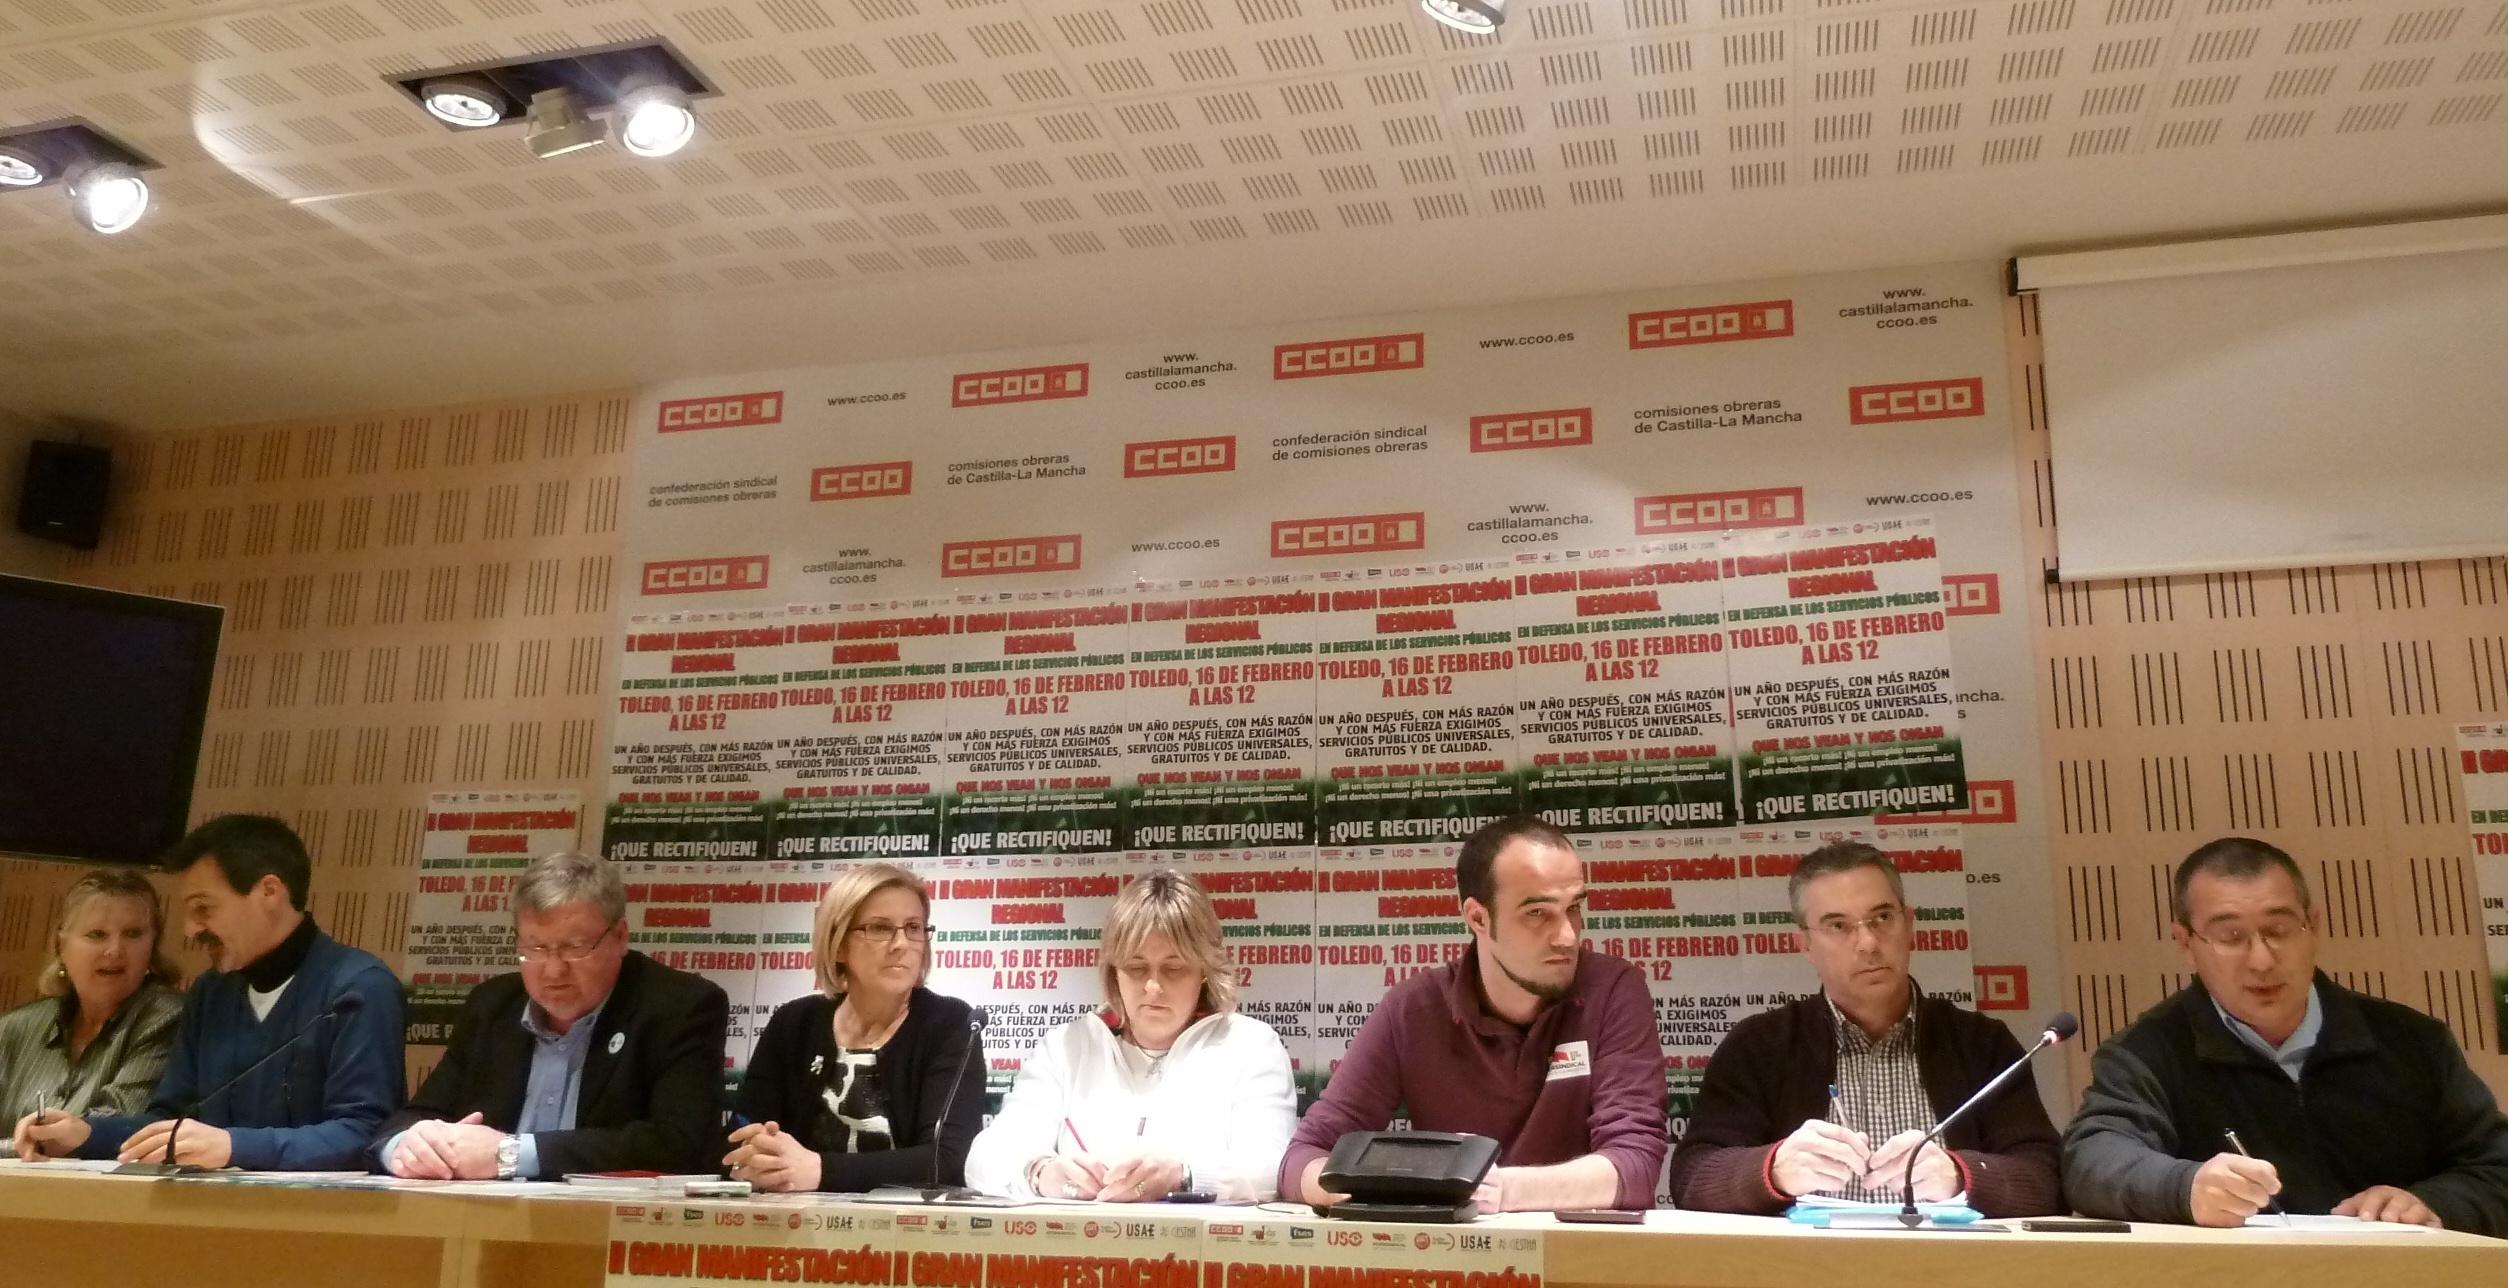 Sindicatos llaman a movilizarse a los castellano-manchegos el 16 de febrero contra «recortes» del Gobierno de Cospedal